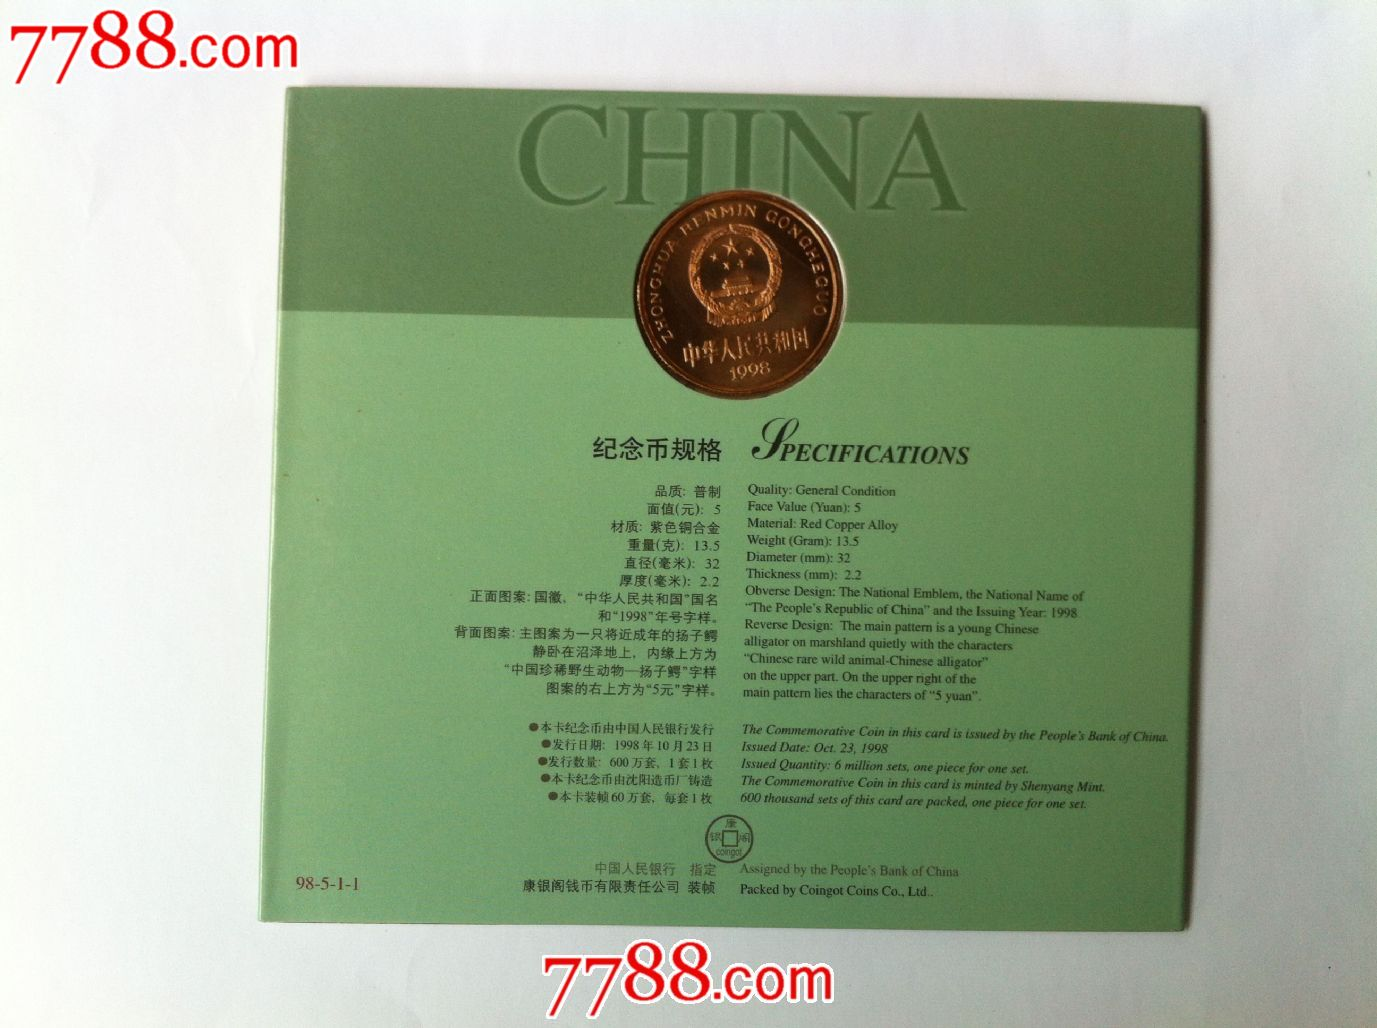 中国珍稀野生动物-扬子鳄